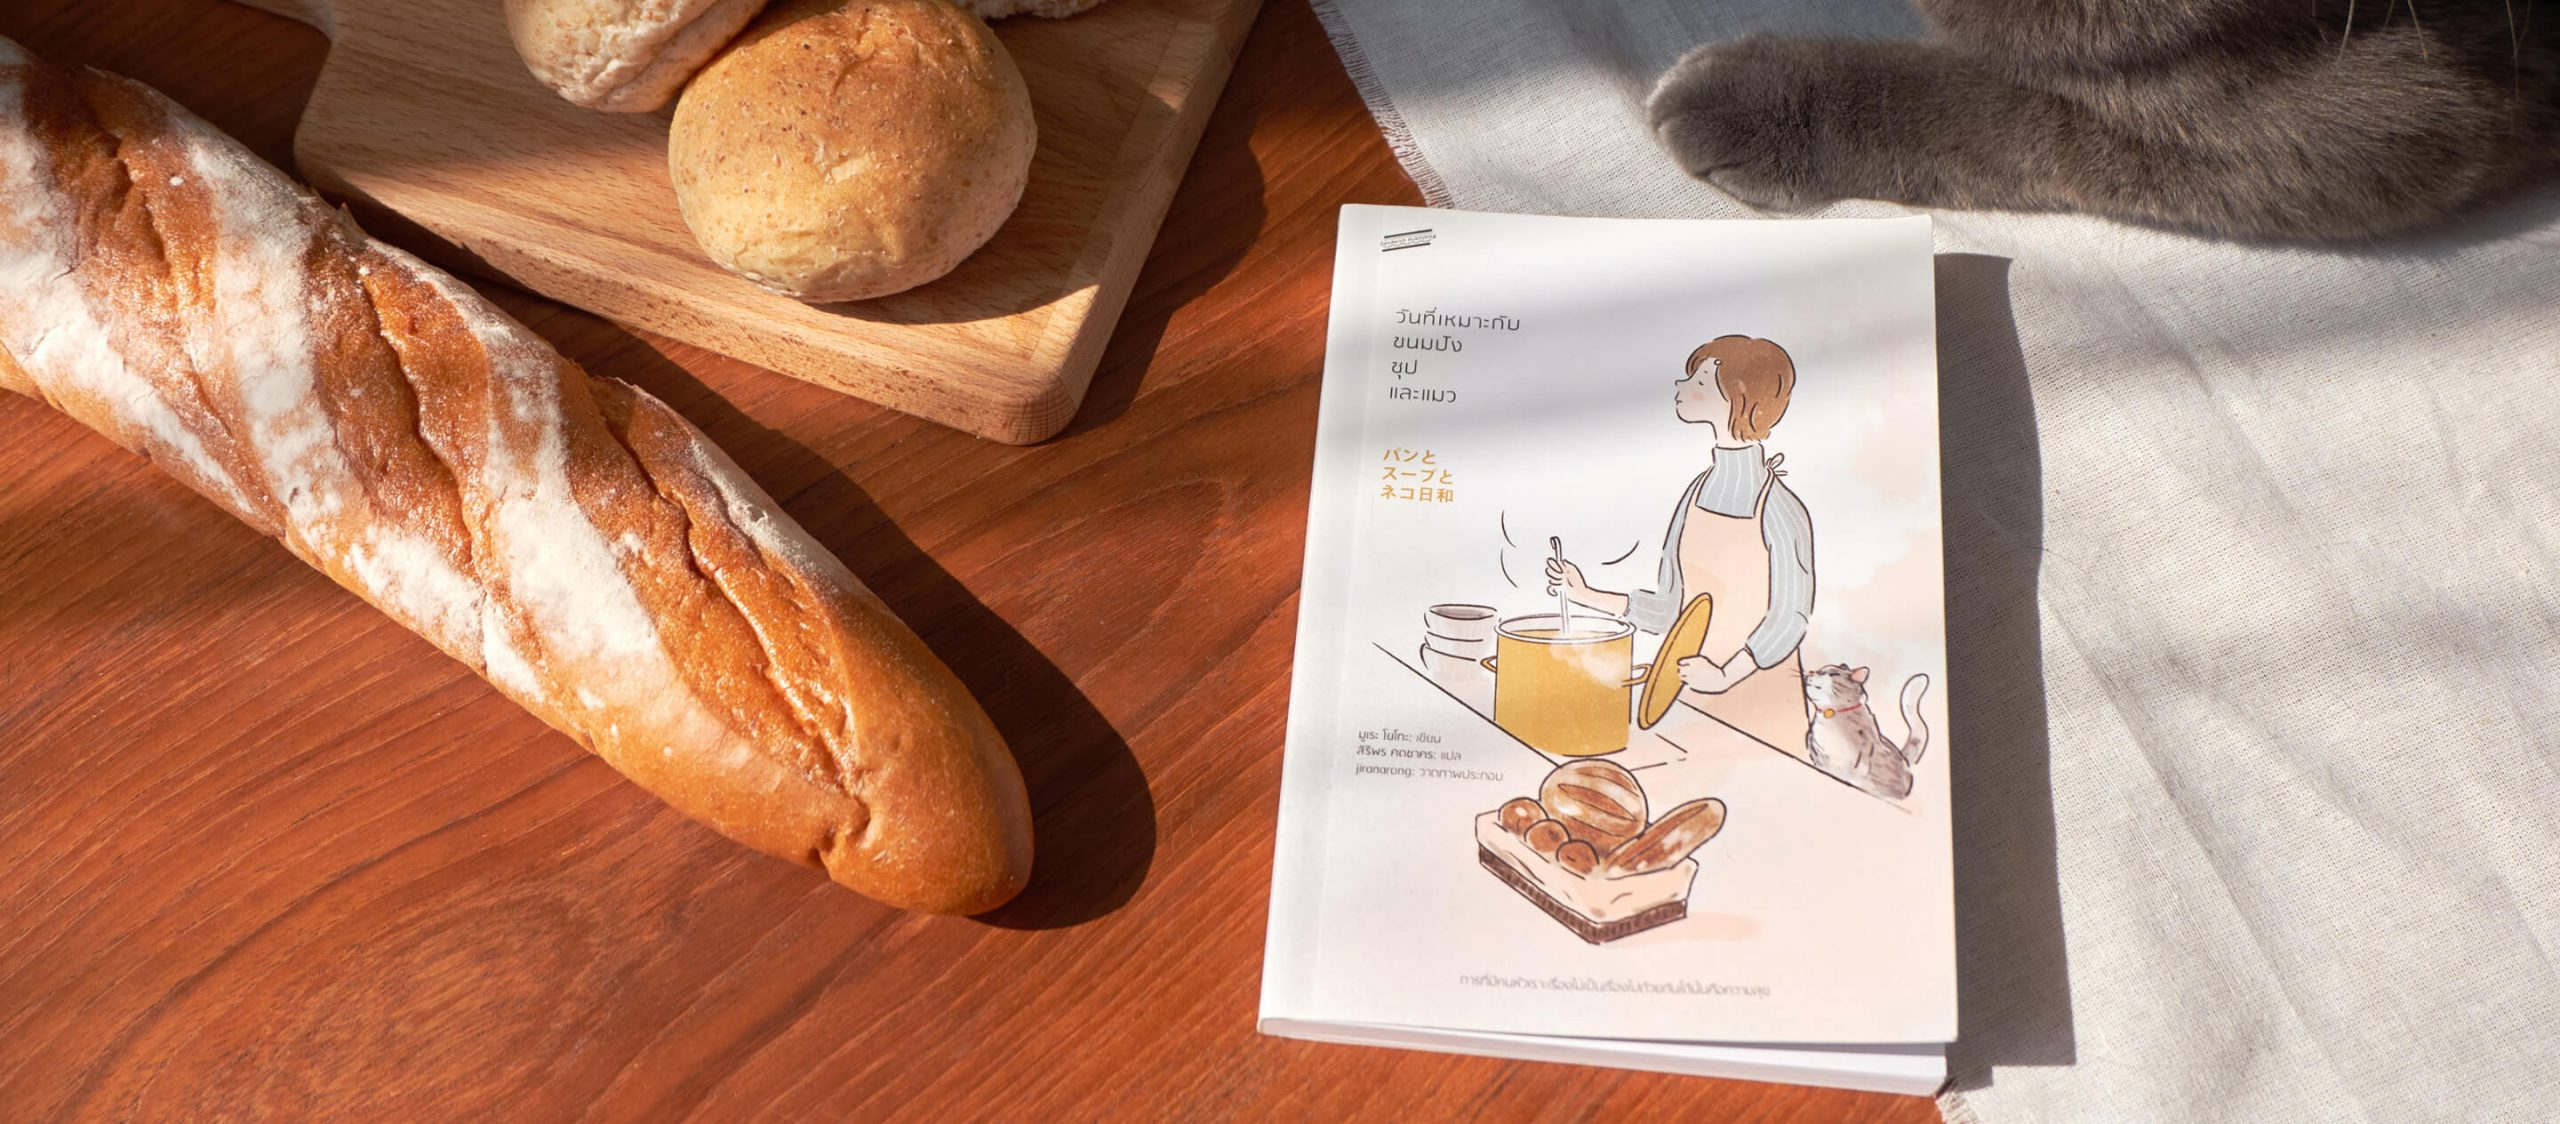 ยิ้ม ร้องไห้ และเติบโตผ่านความเจ็บปวดกับ 'วันที่เหมาะกับขนมปัง ซุป และแมว'